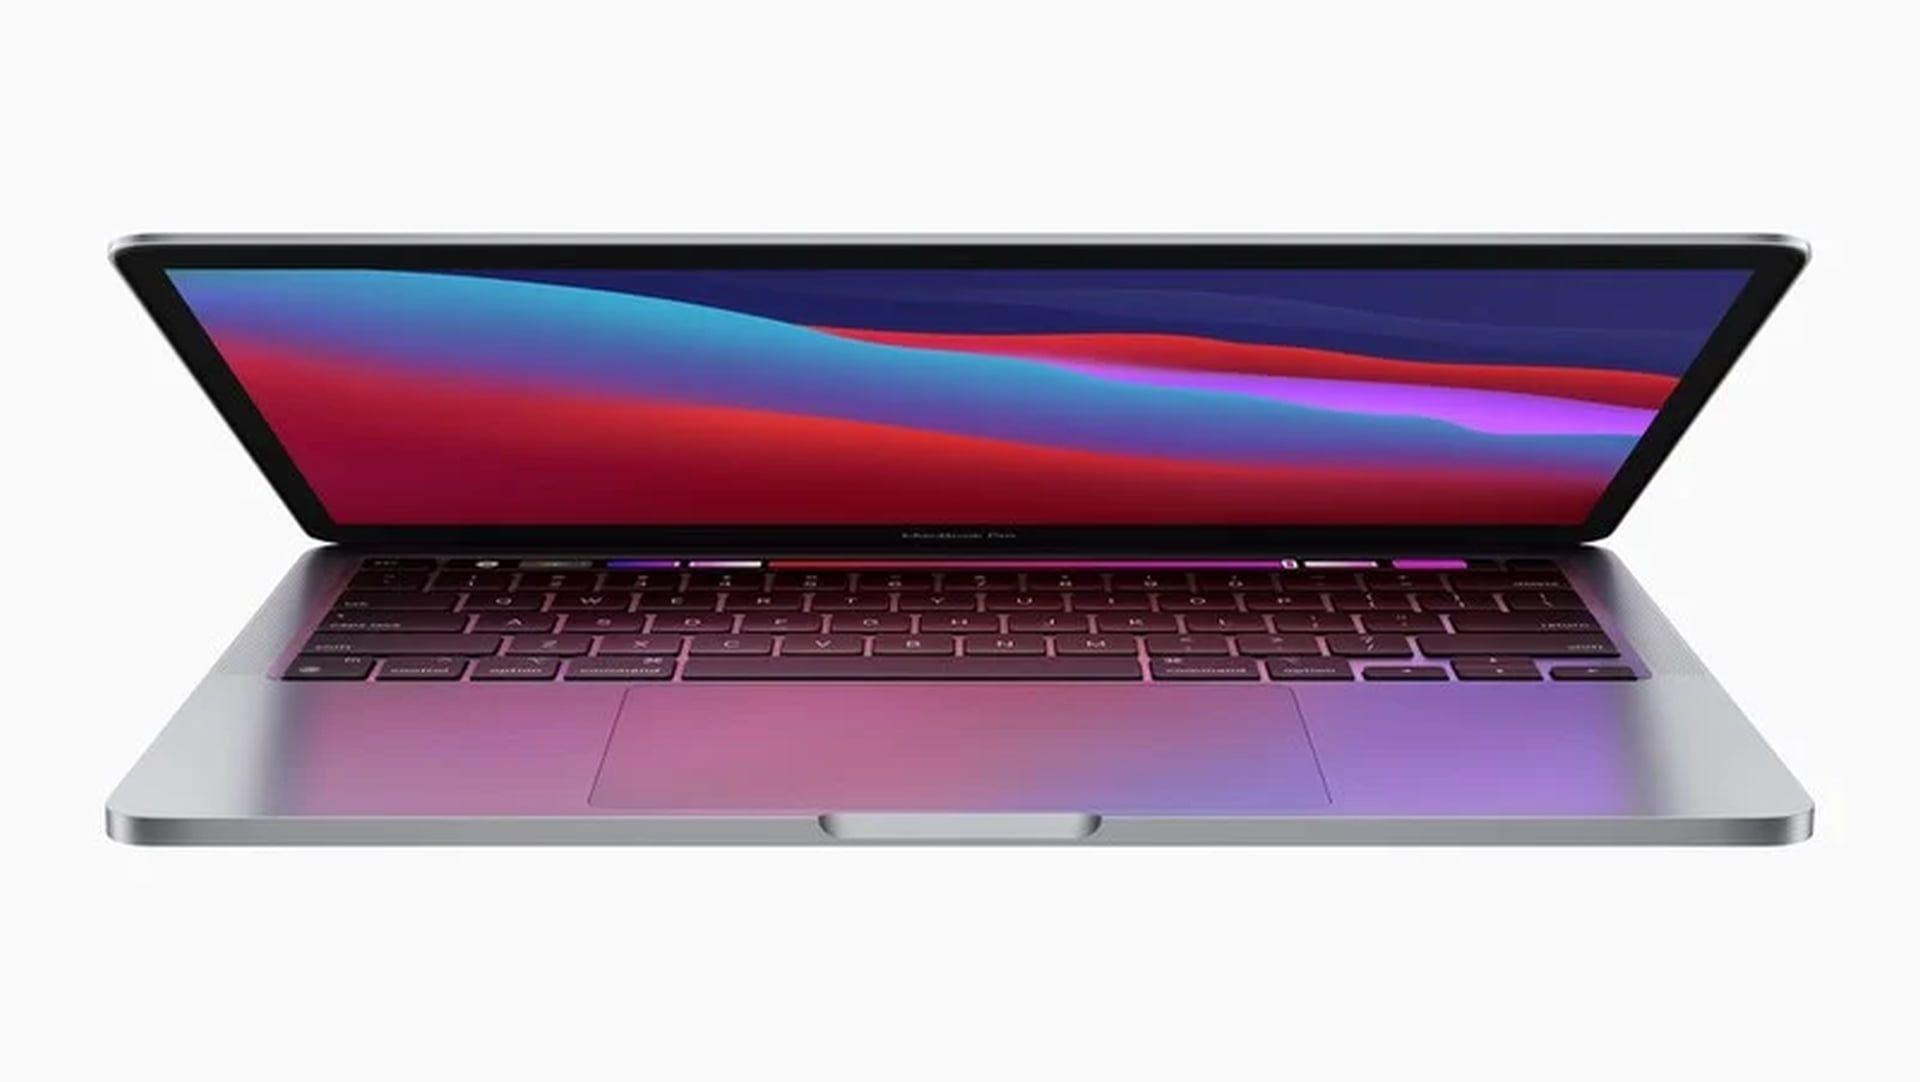 Raport na temat rynku komputerów w 2 kwartale tego roku